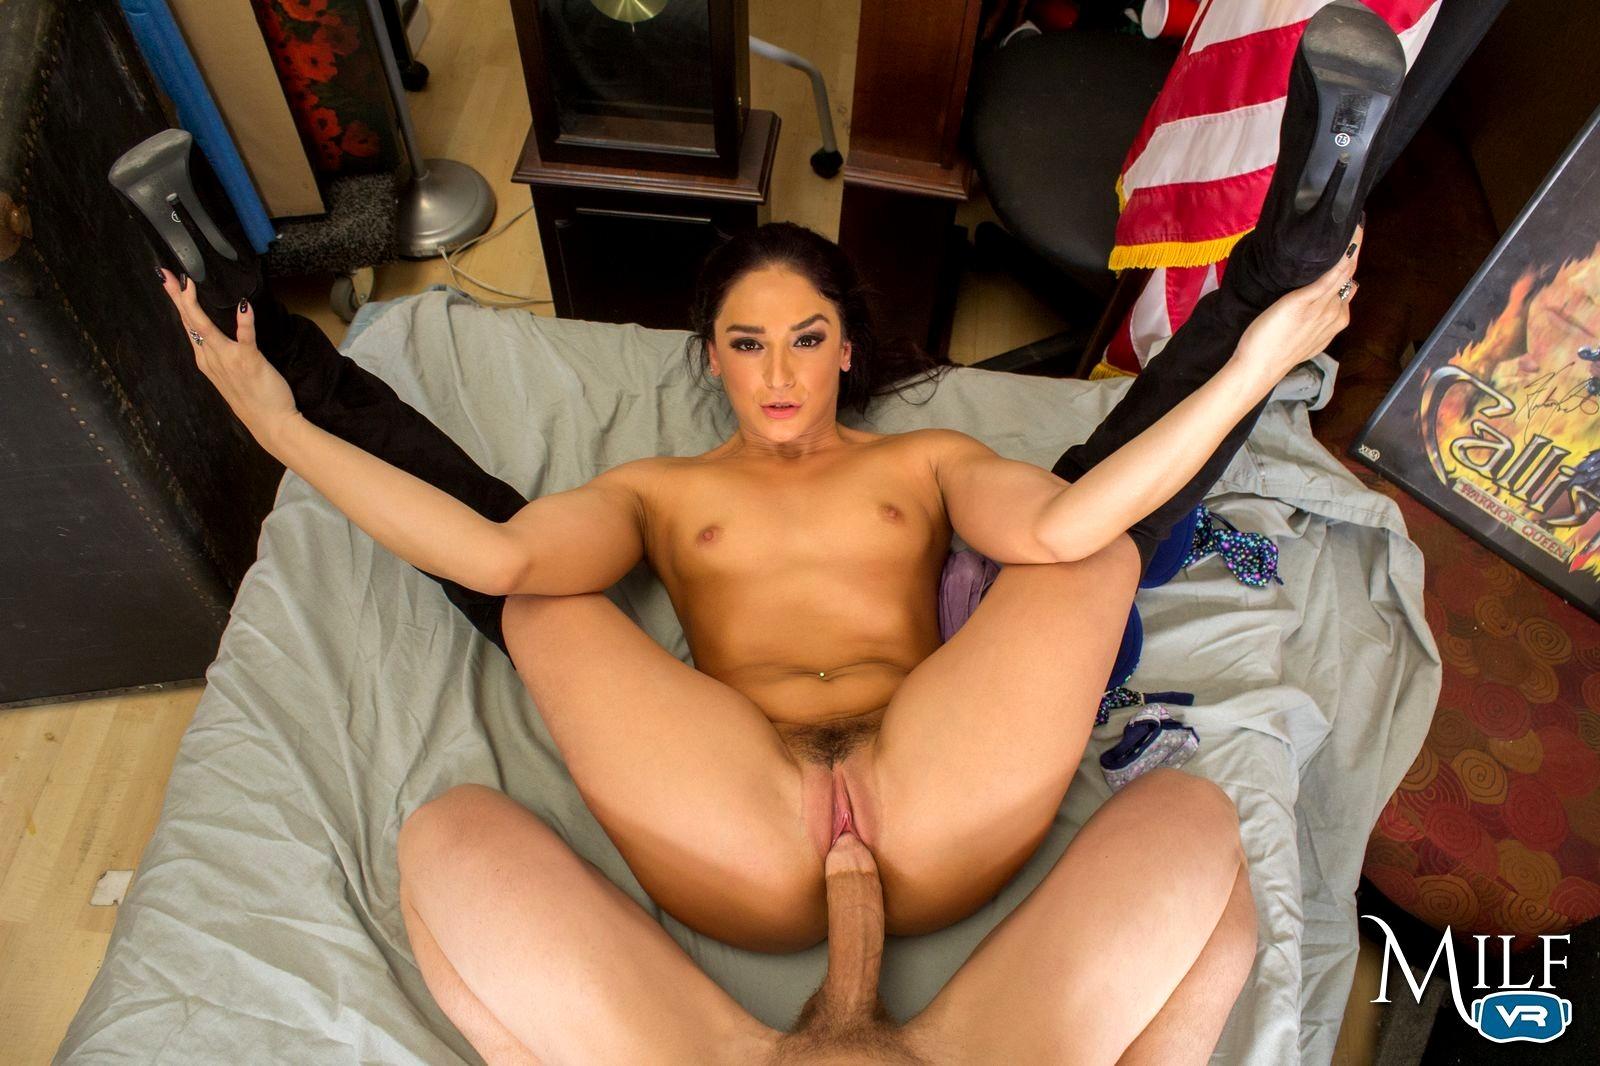 Секс на шинах, Шина Шоу - бесплатное порно онлайн, смотреть видео 23 фотография